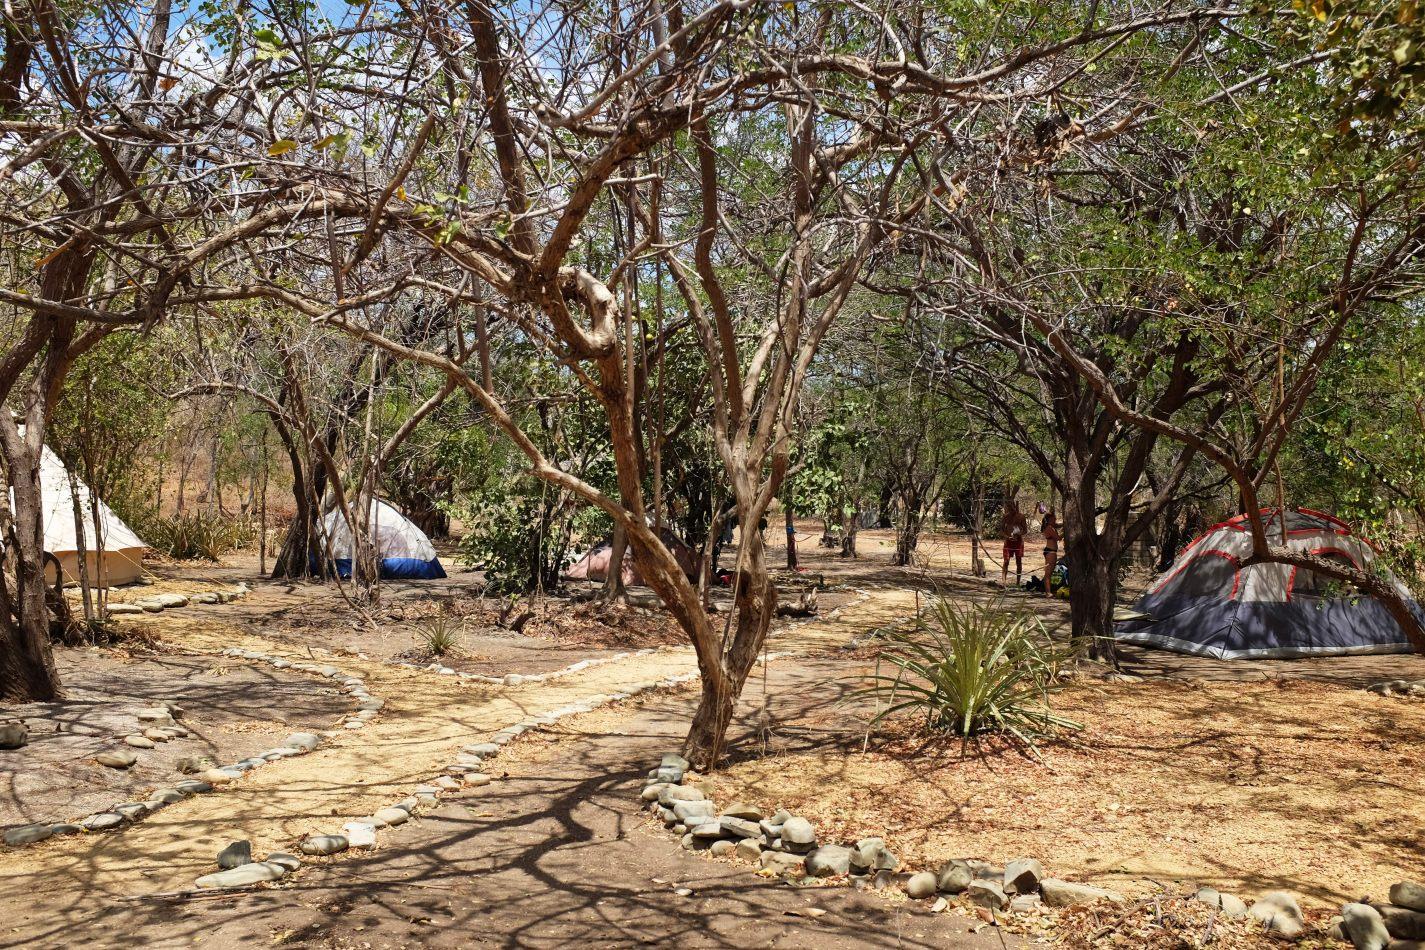 Hibiscus & Nomada : - - Camping La Luna